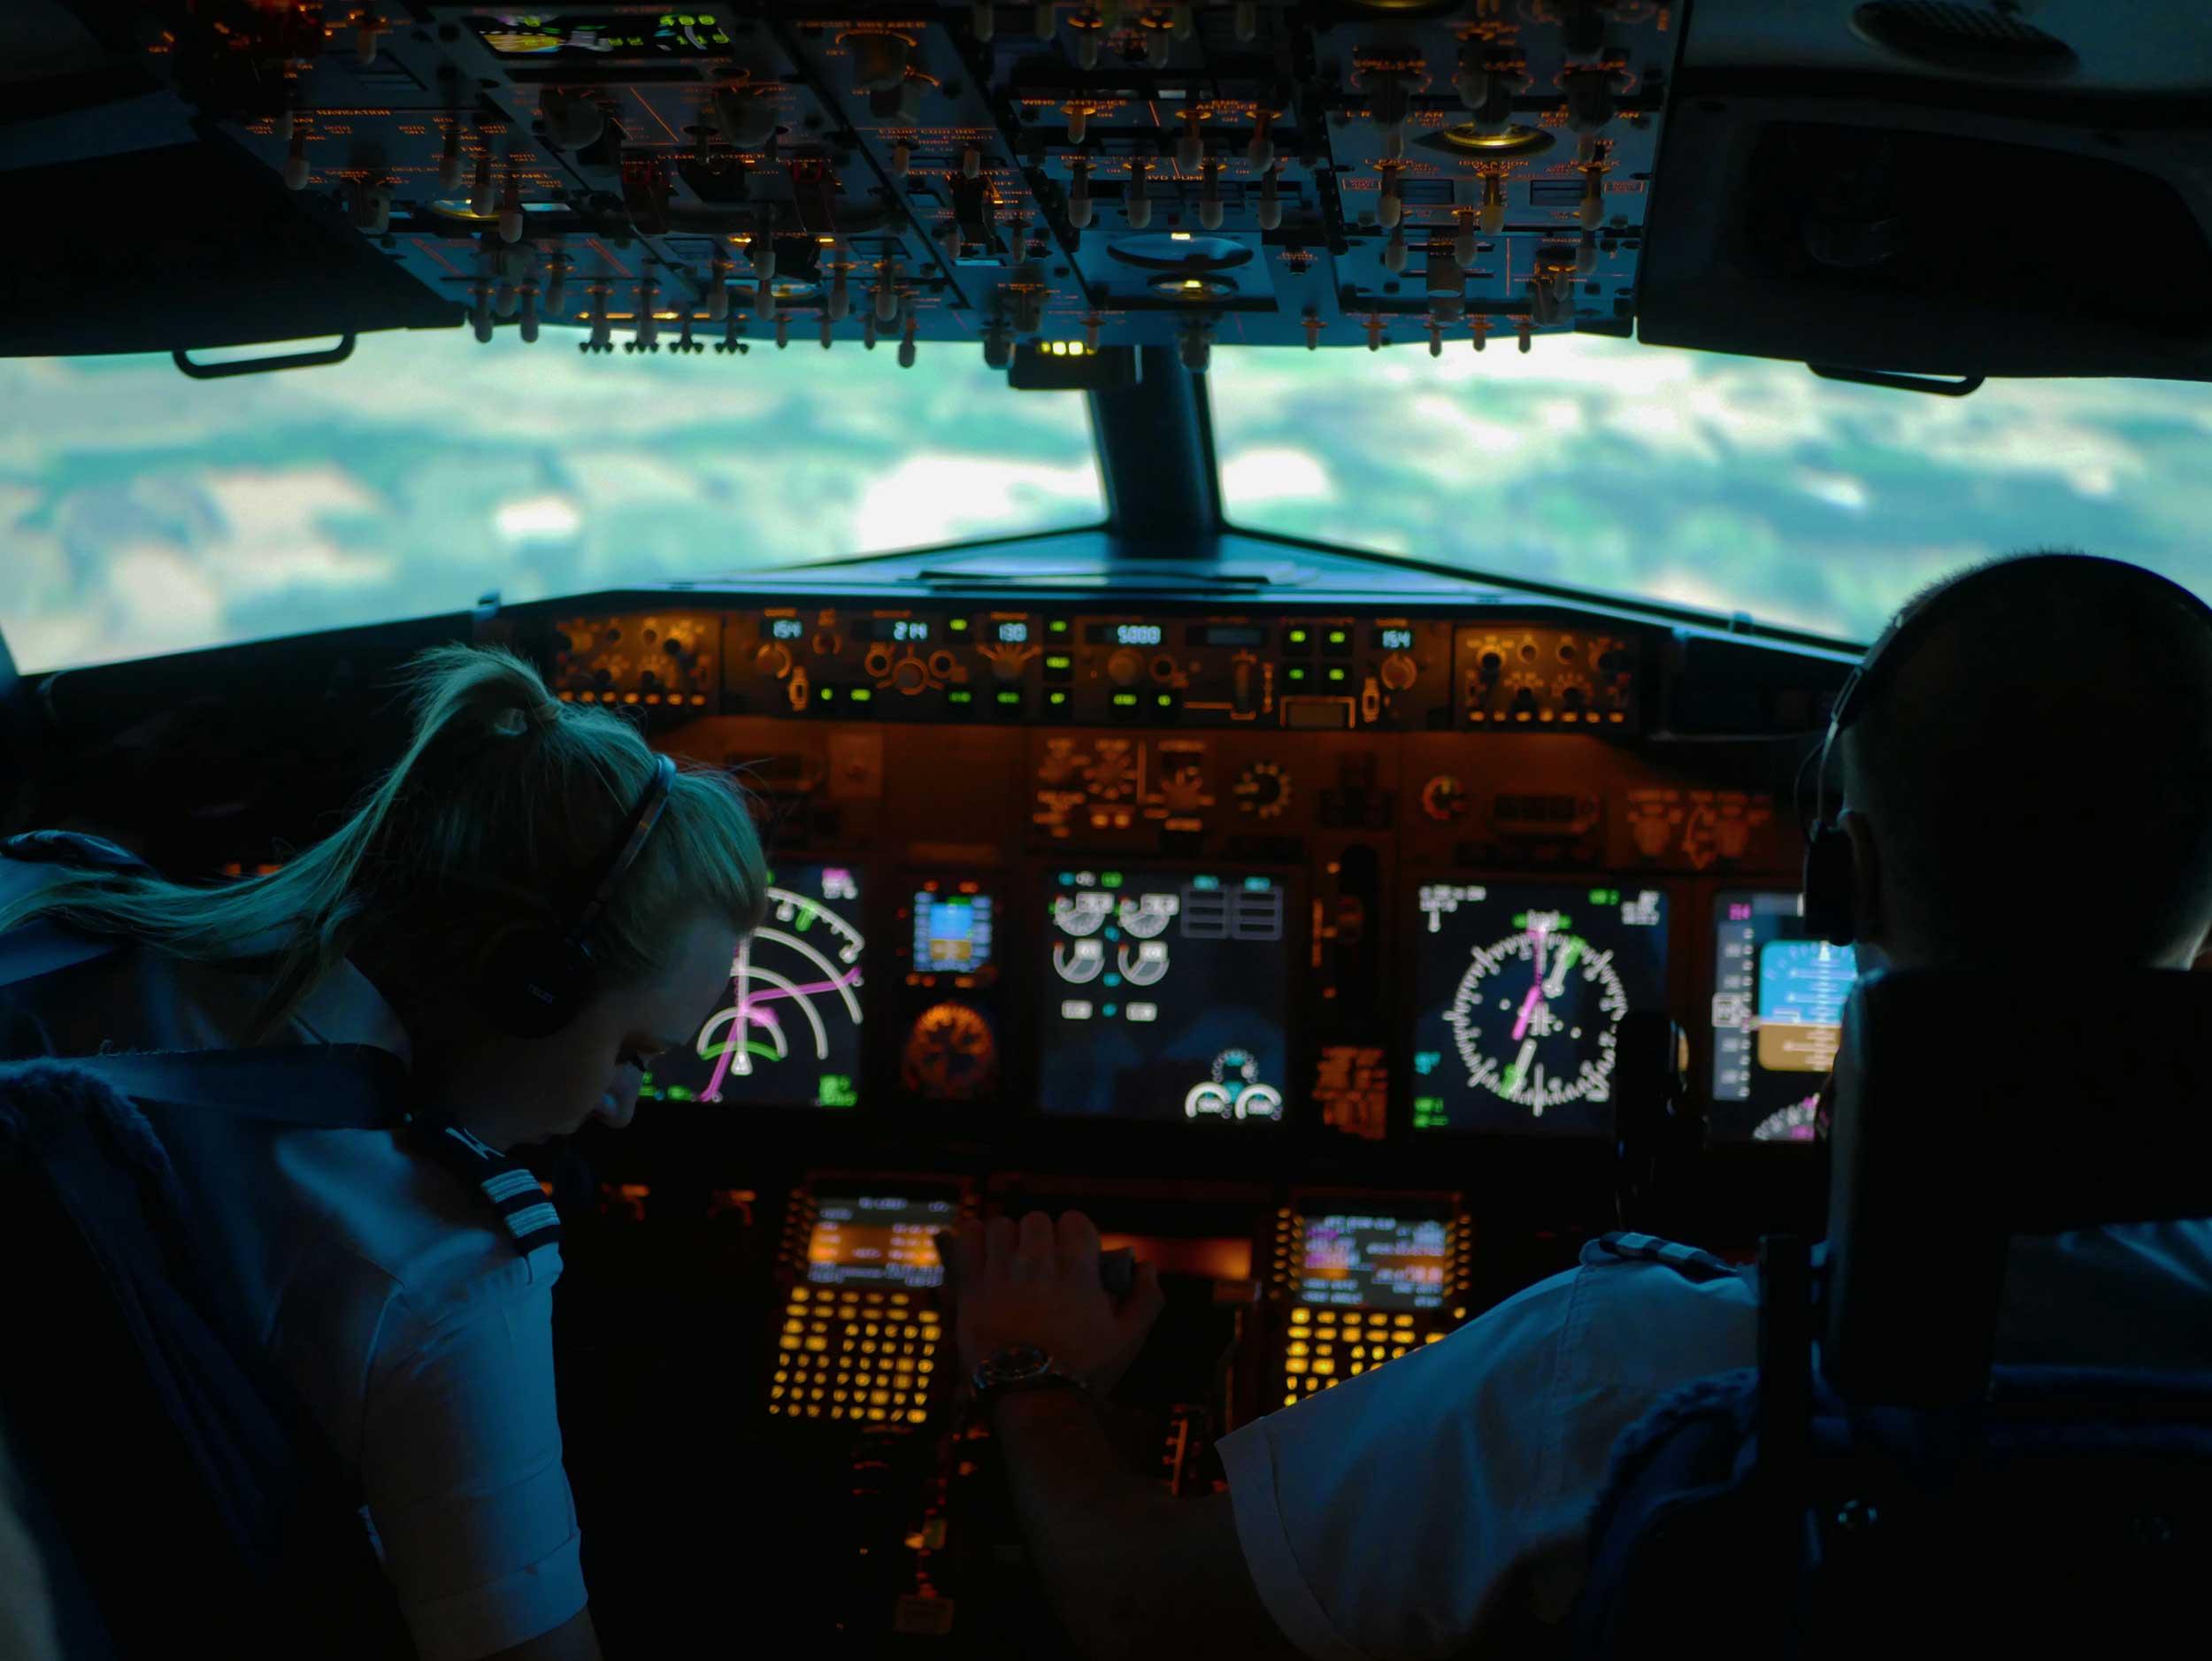 VA airline career training